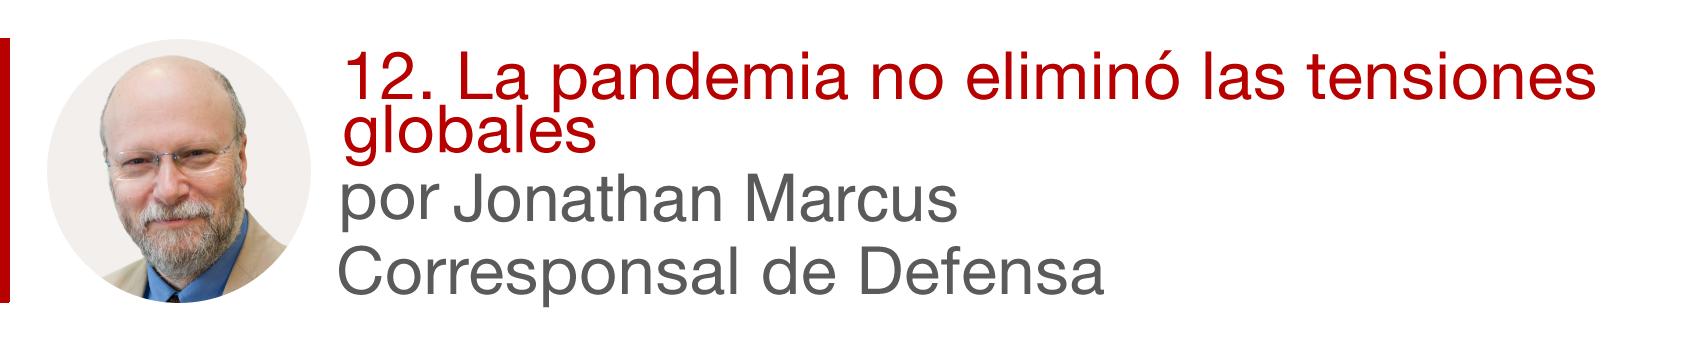 Etiqueta Marcus